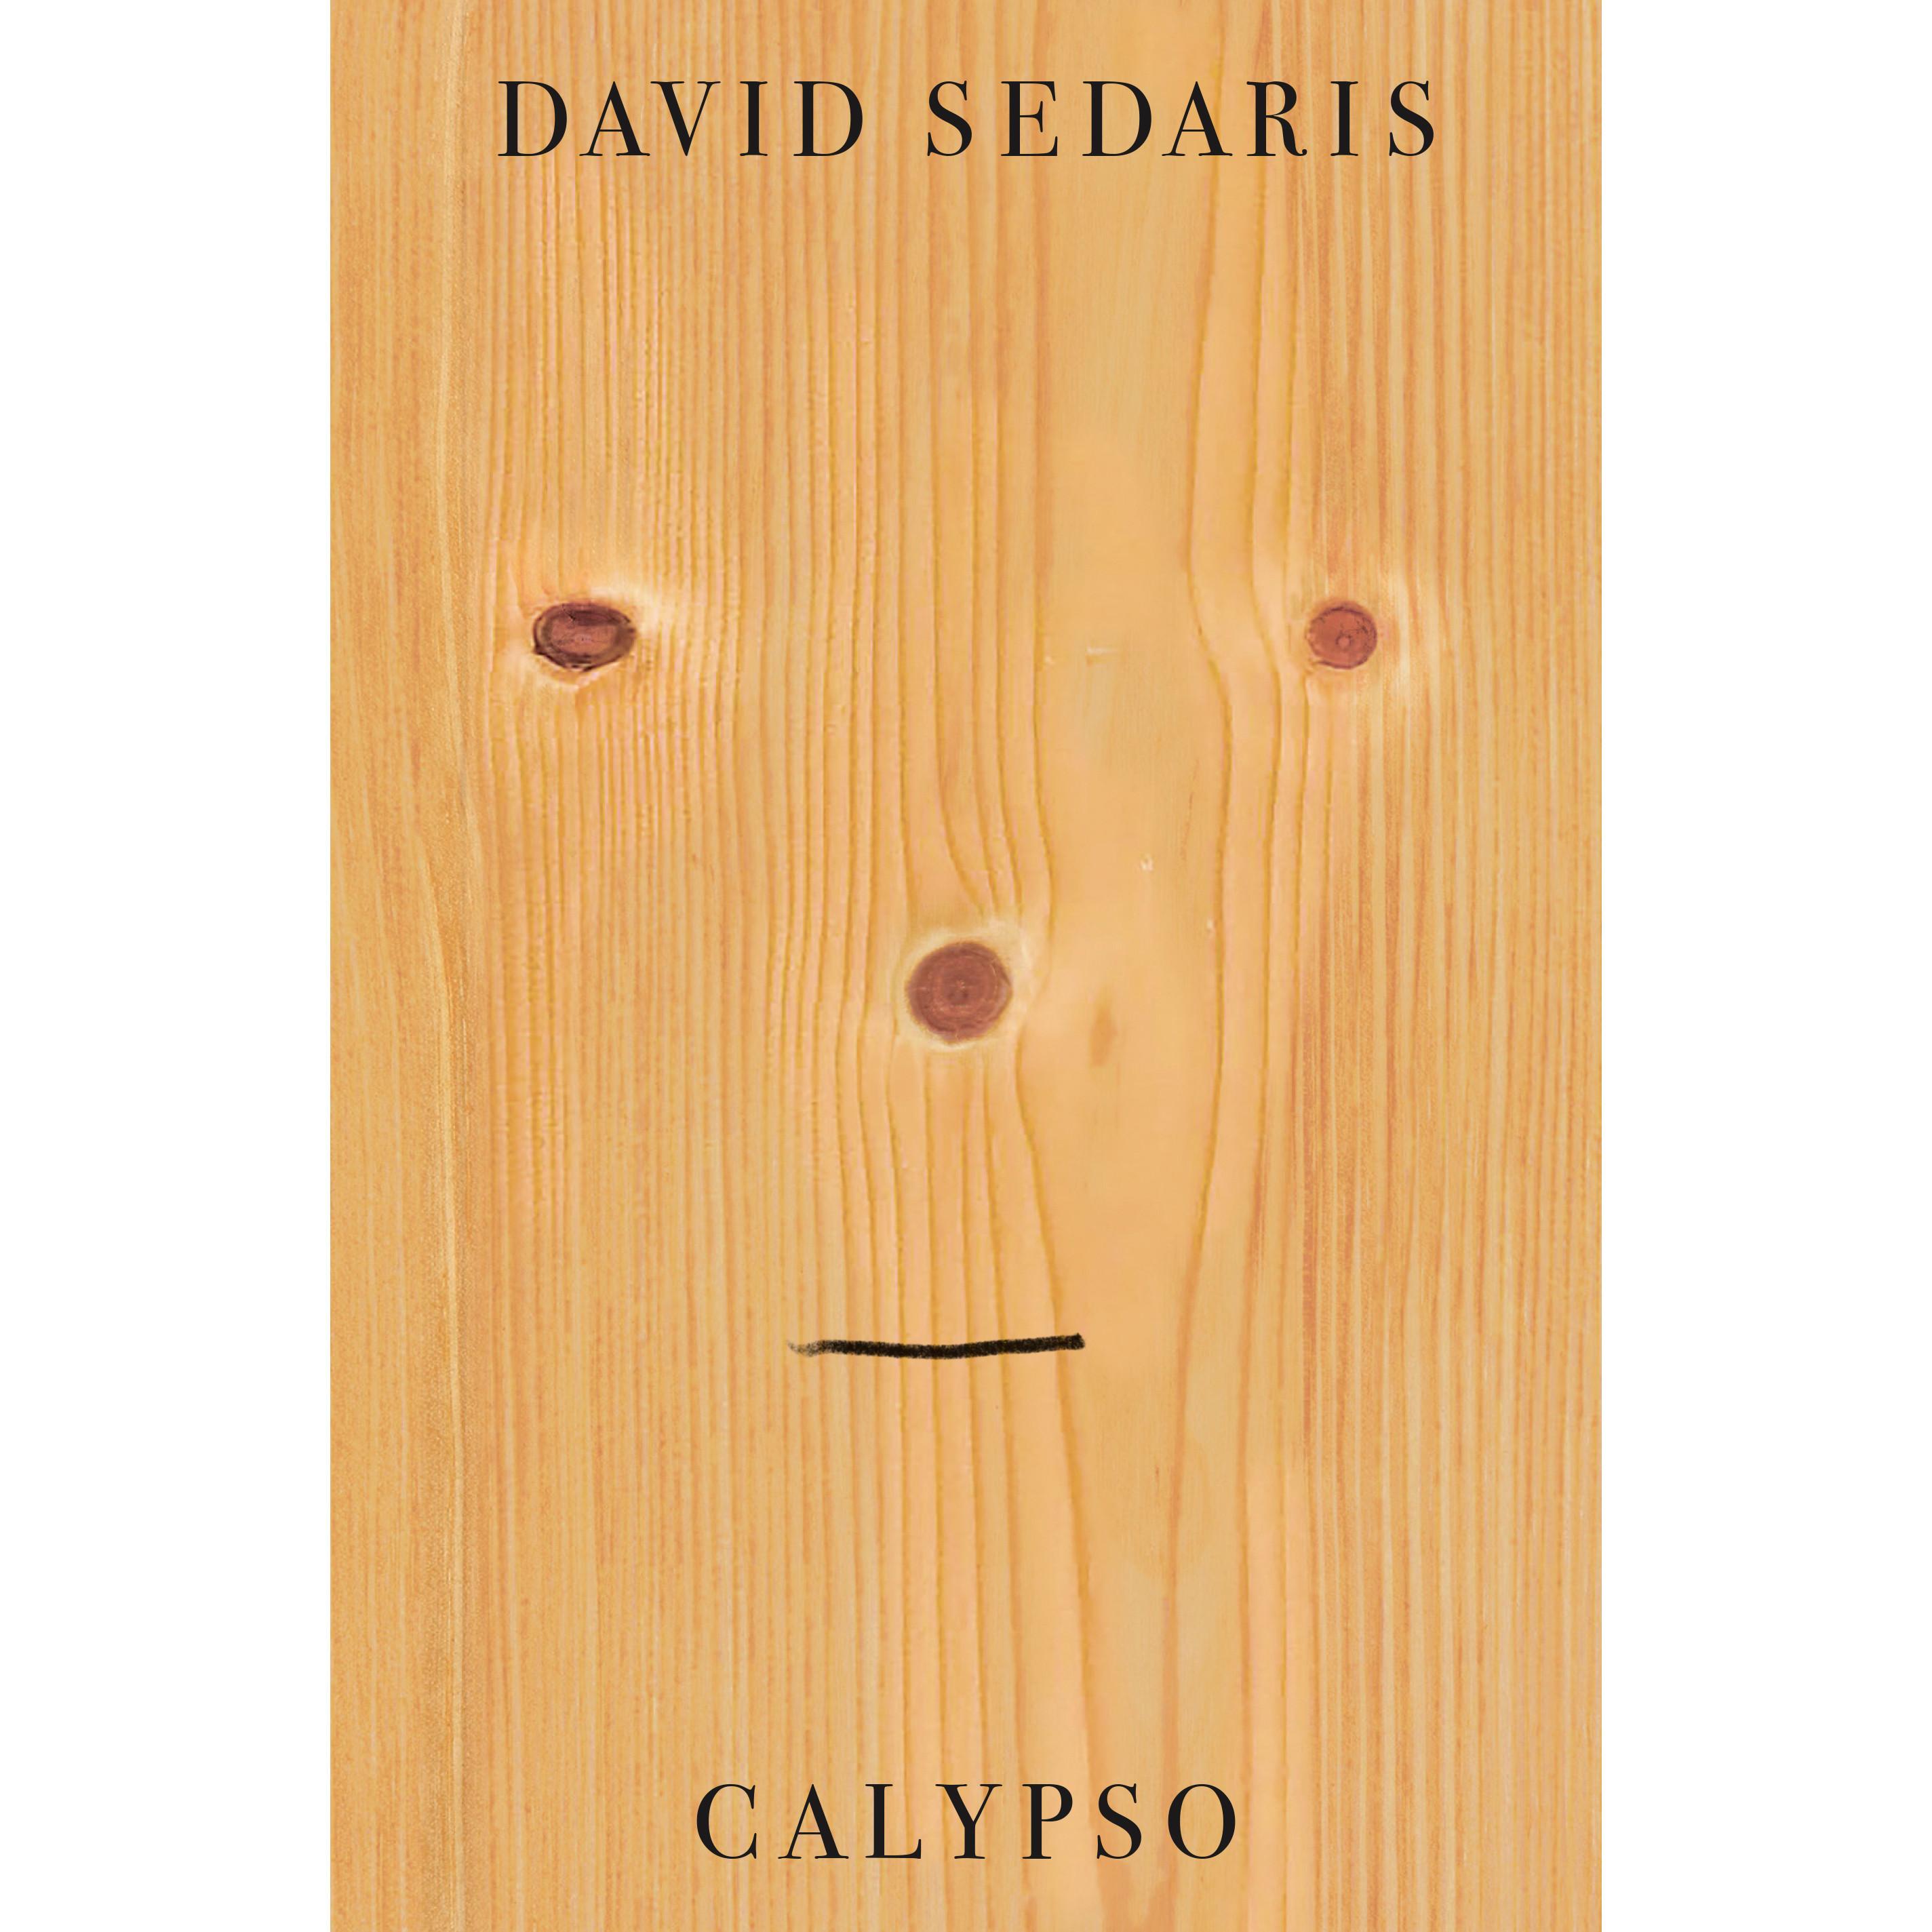 calypso martha book club